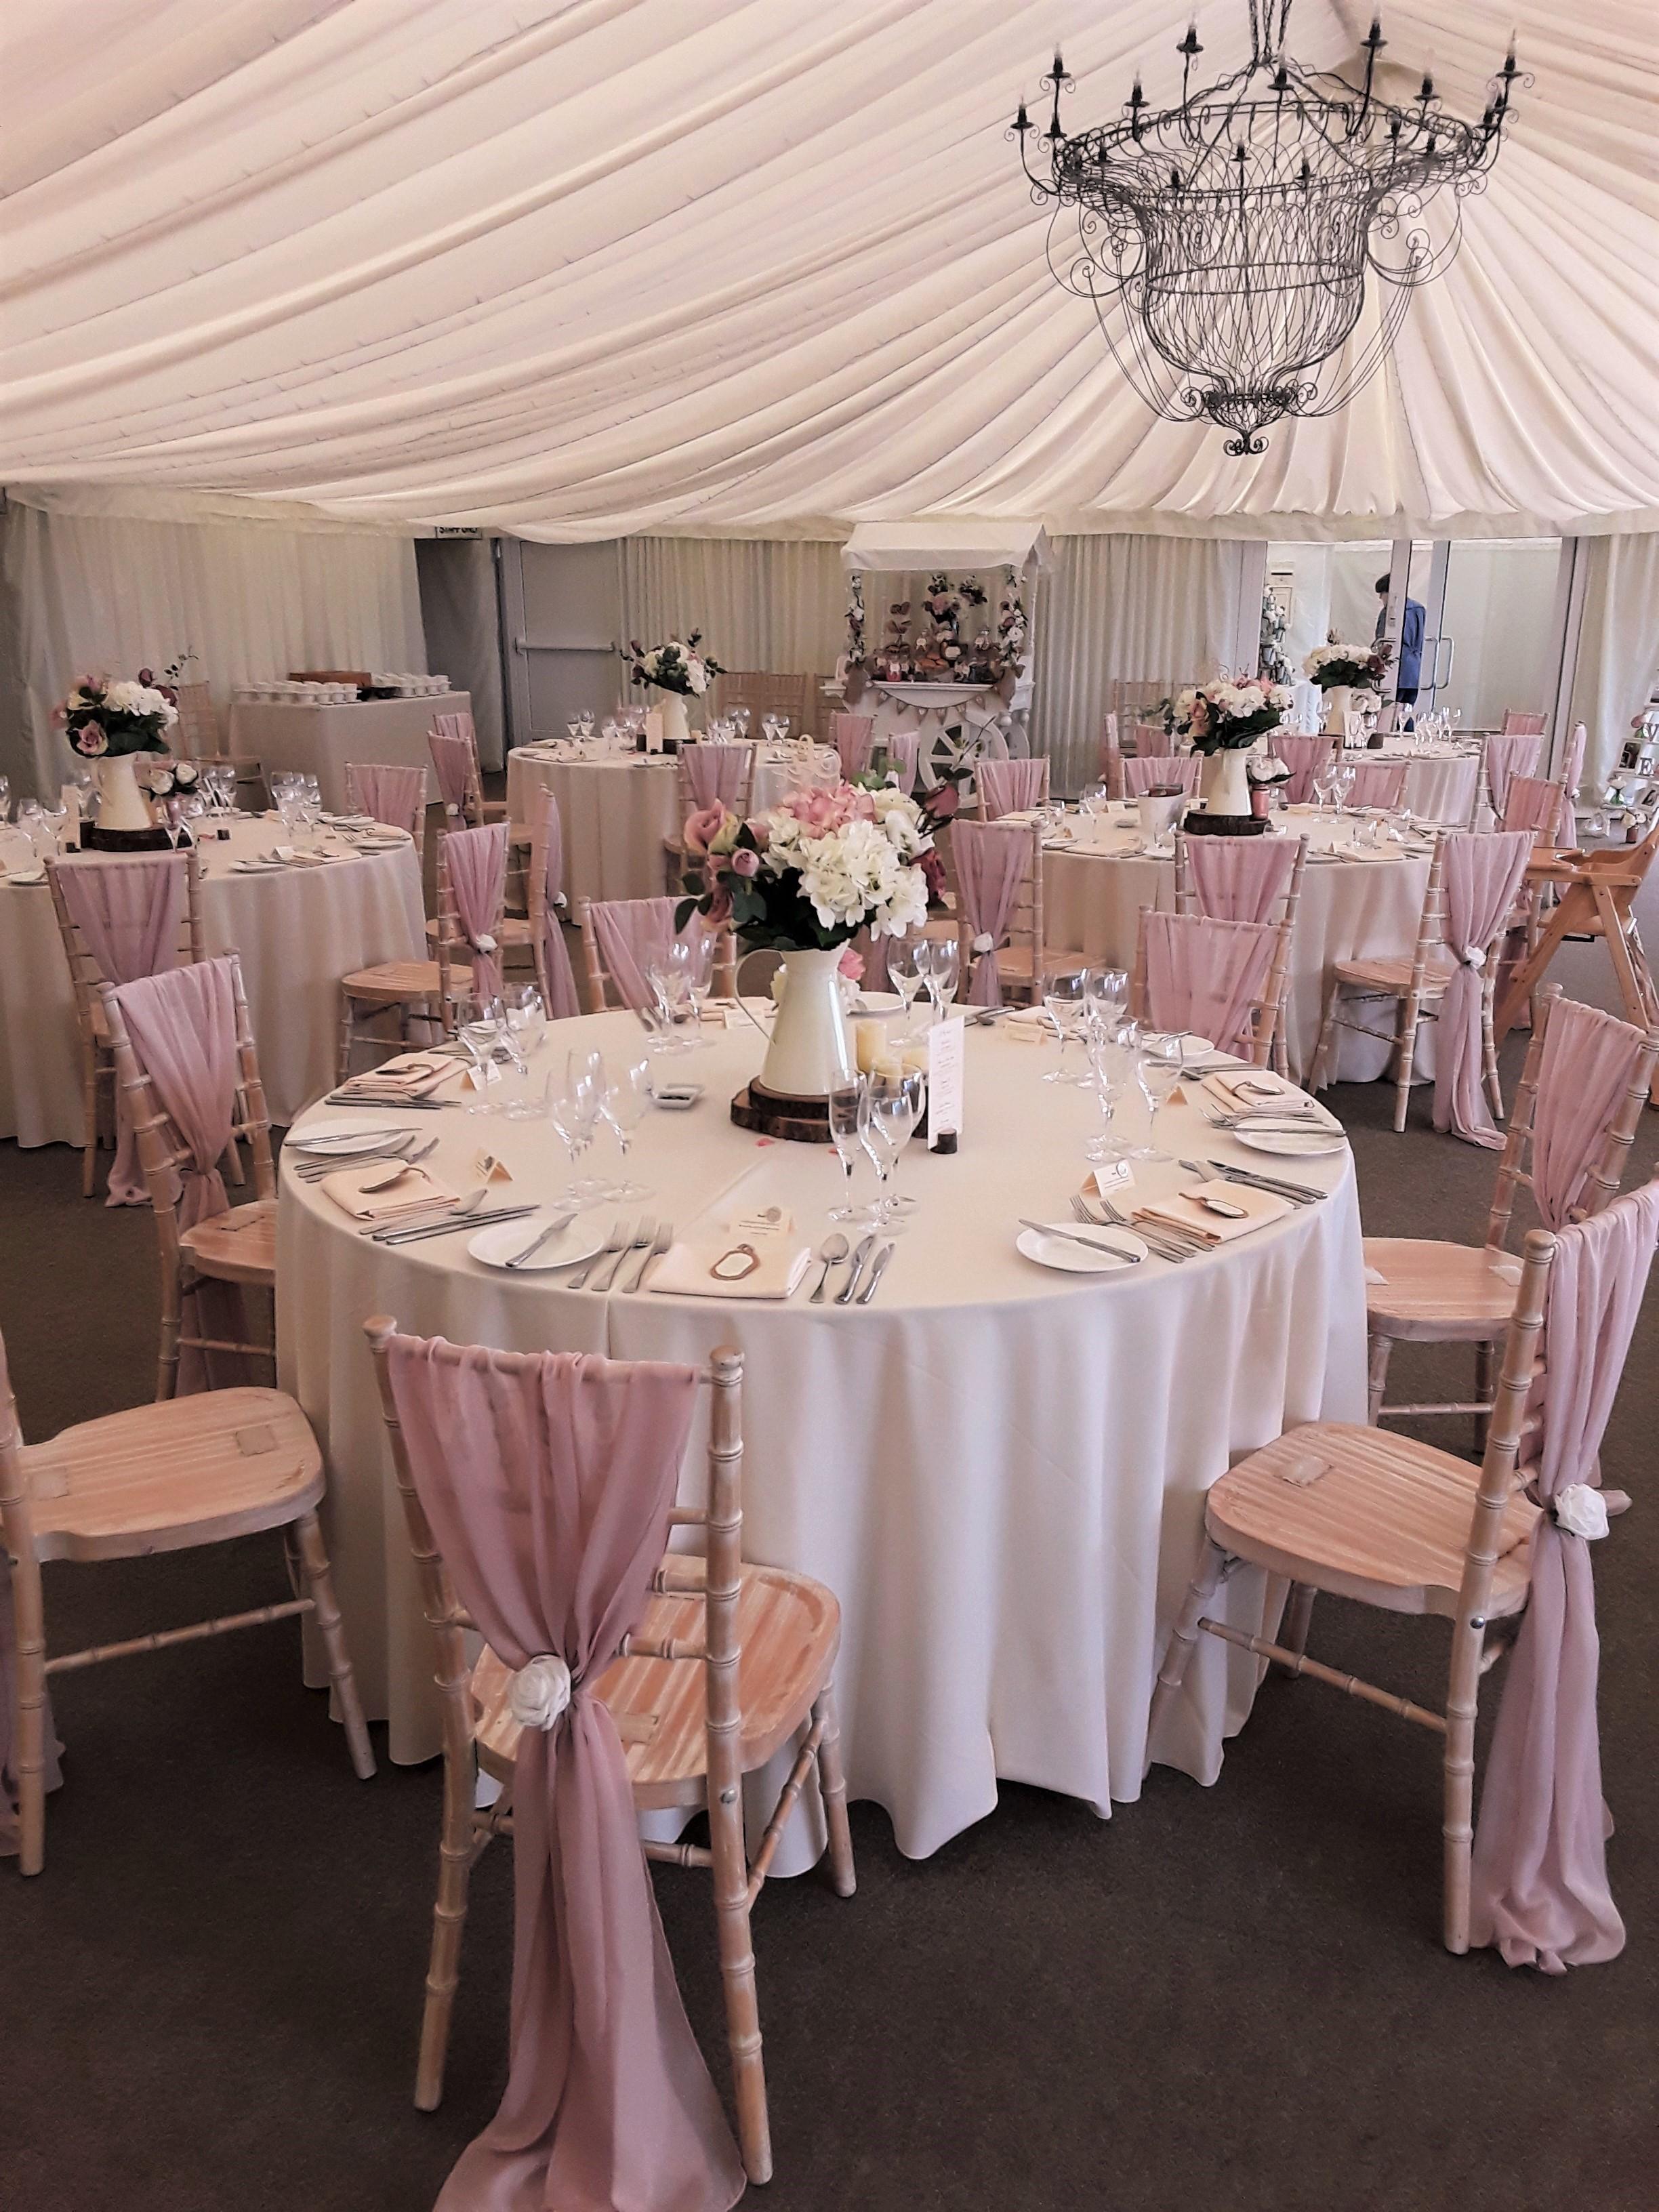 soft pink chiffon drapes